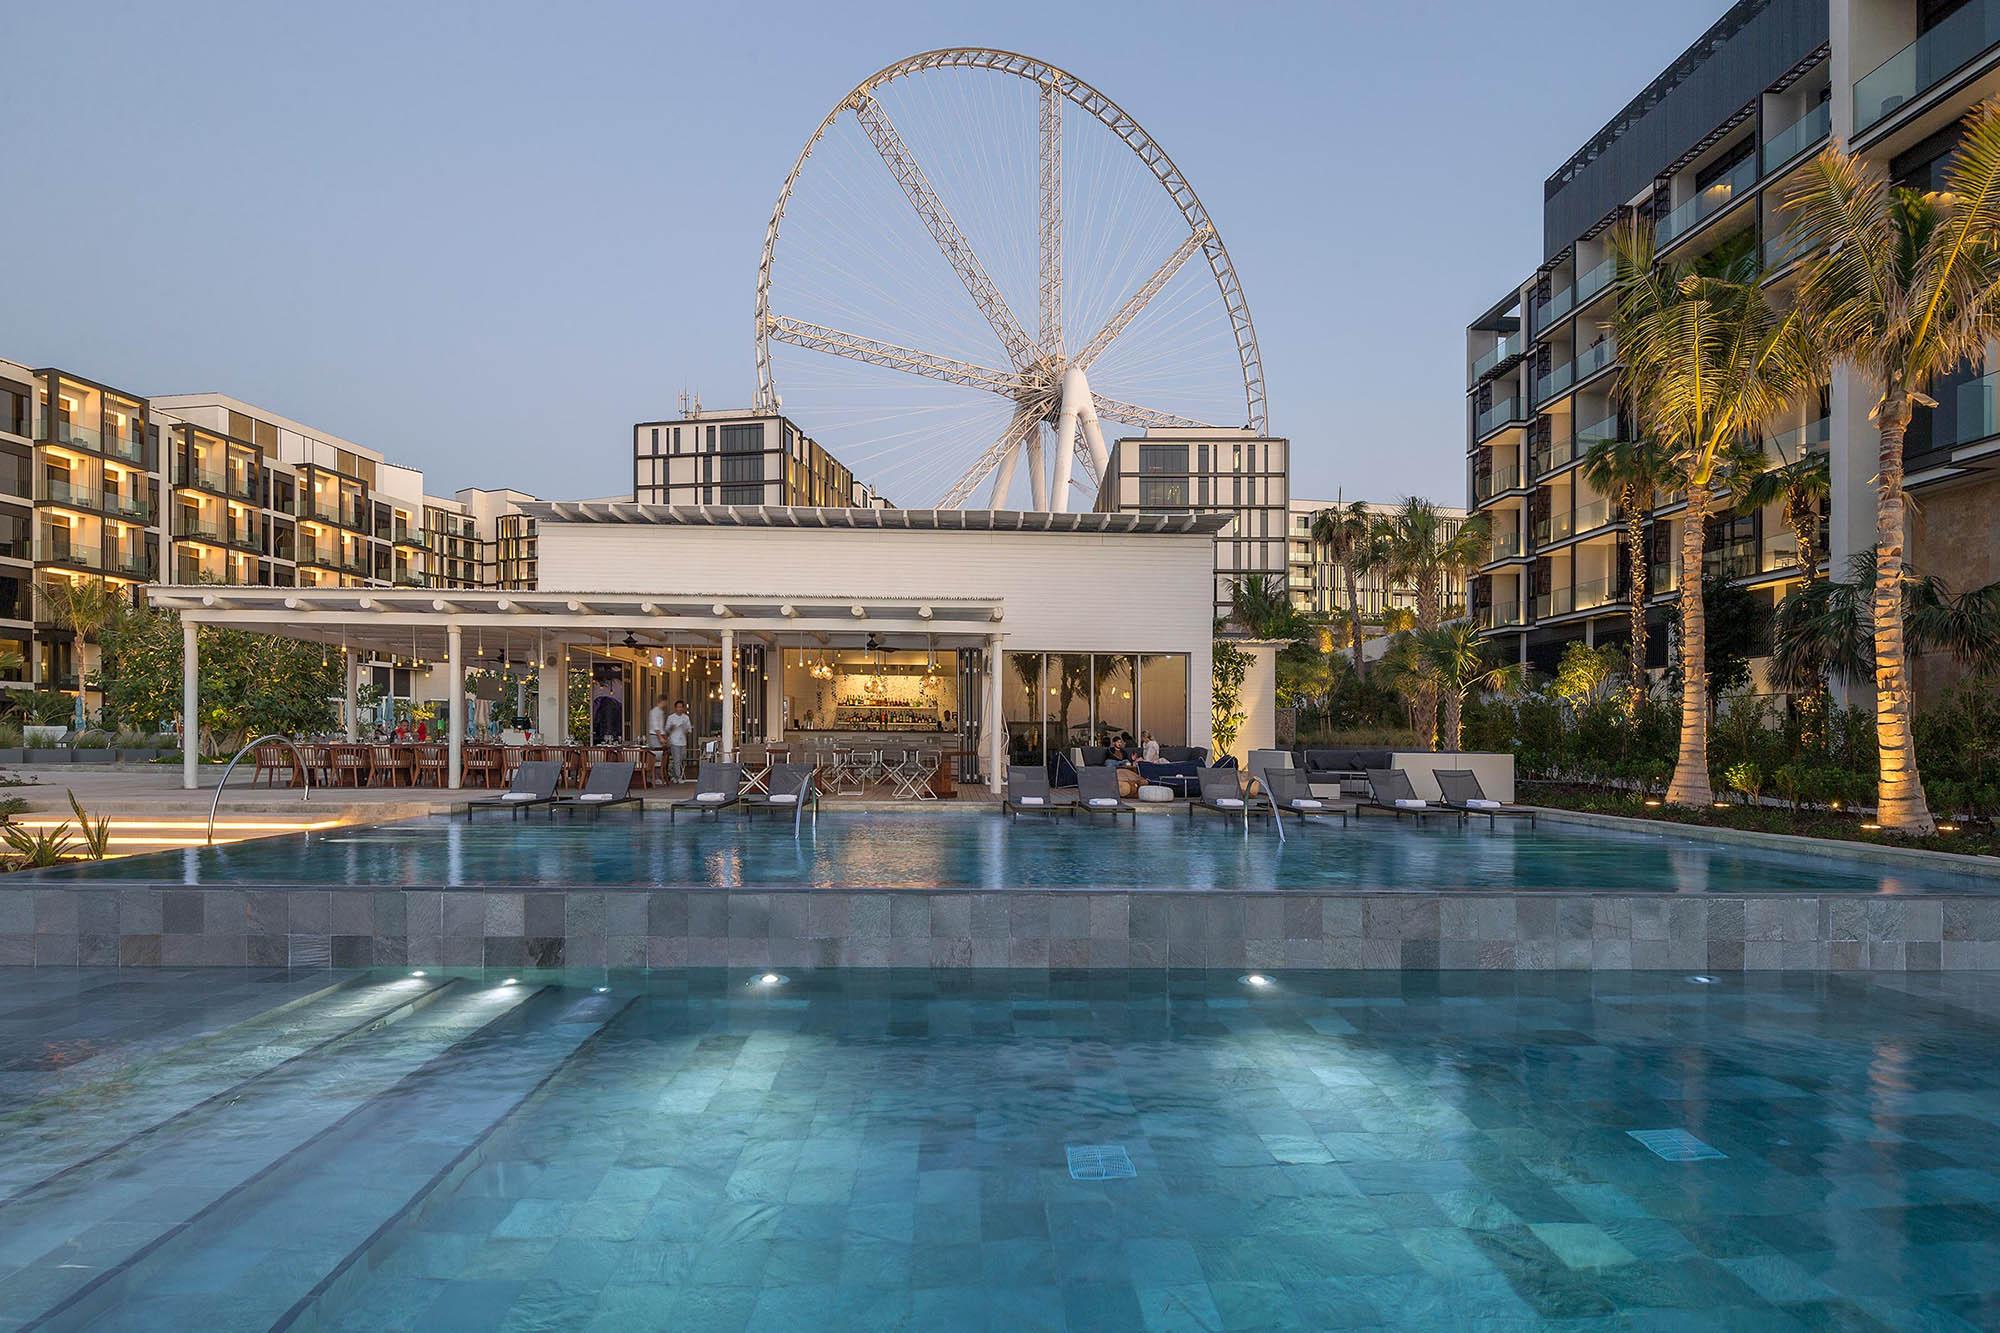 COVE Beach Restaurants & Pool Bars - Caesars Palace Dubai